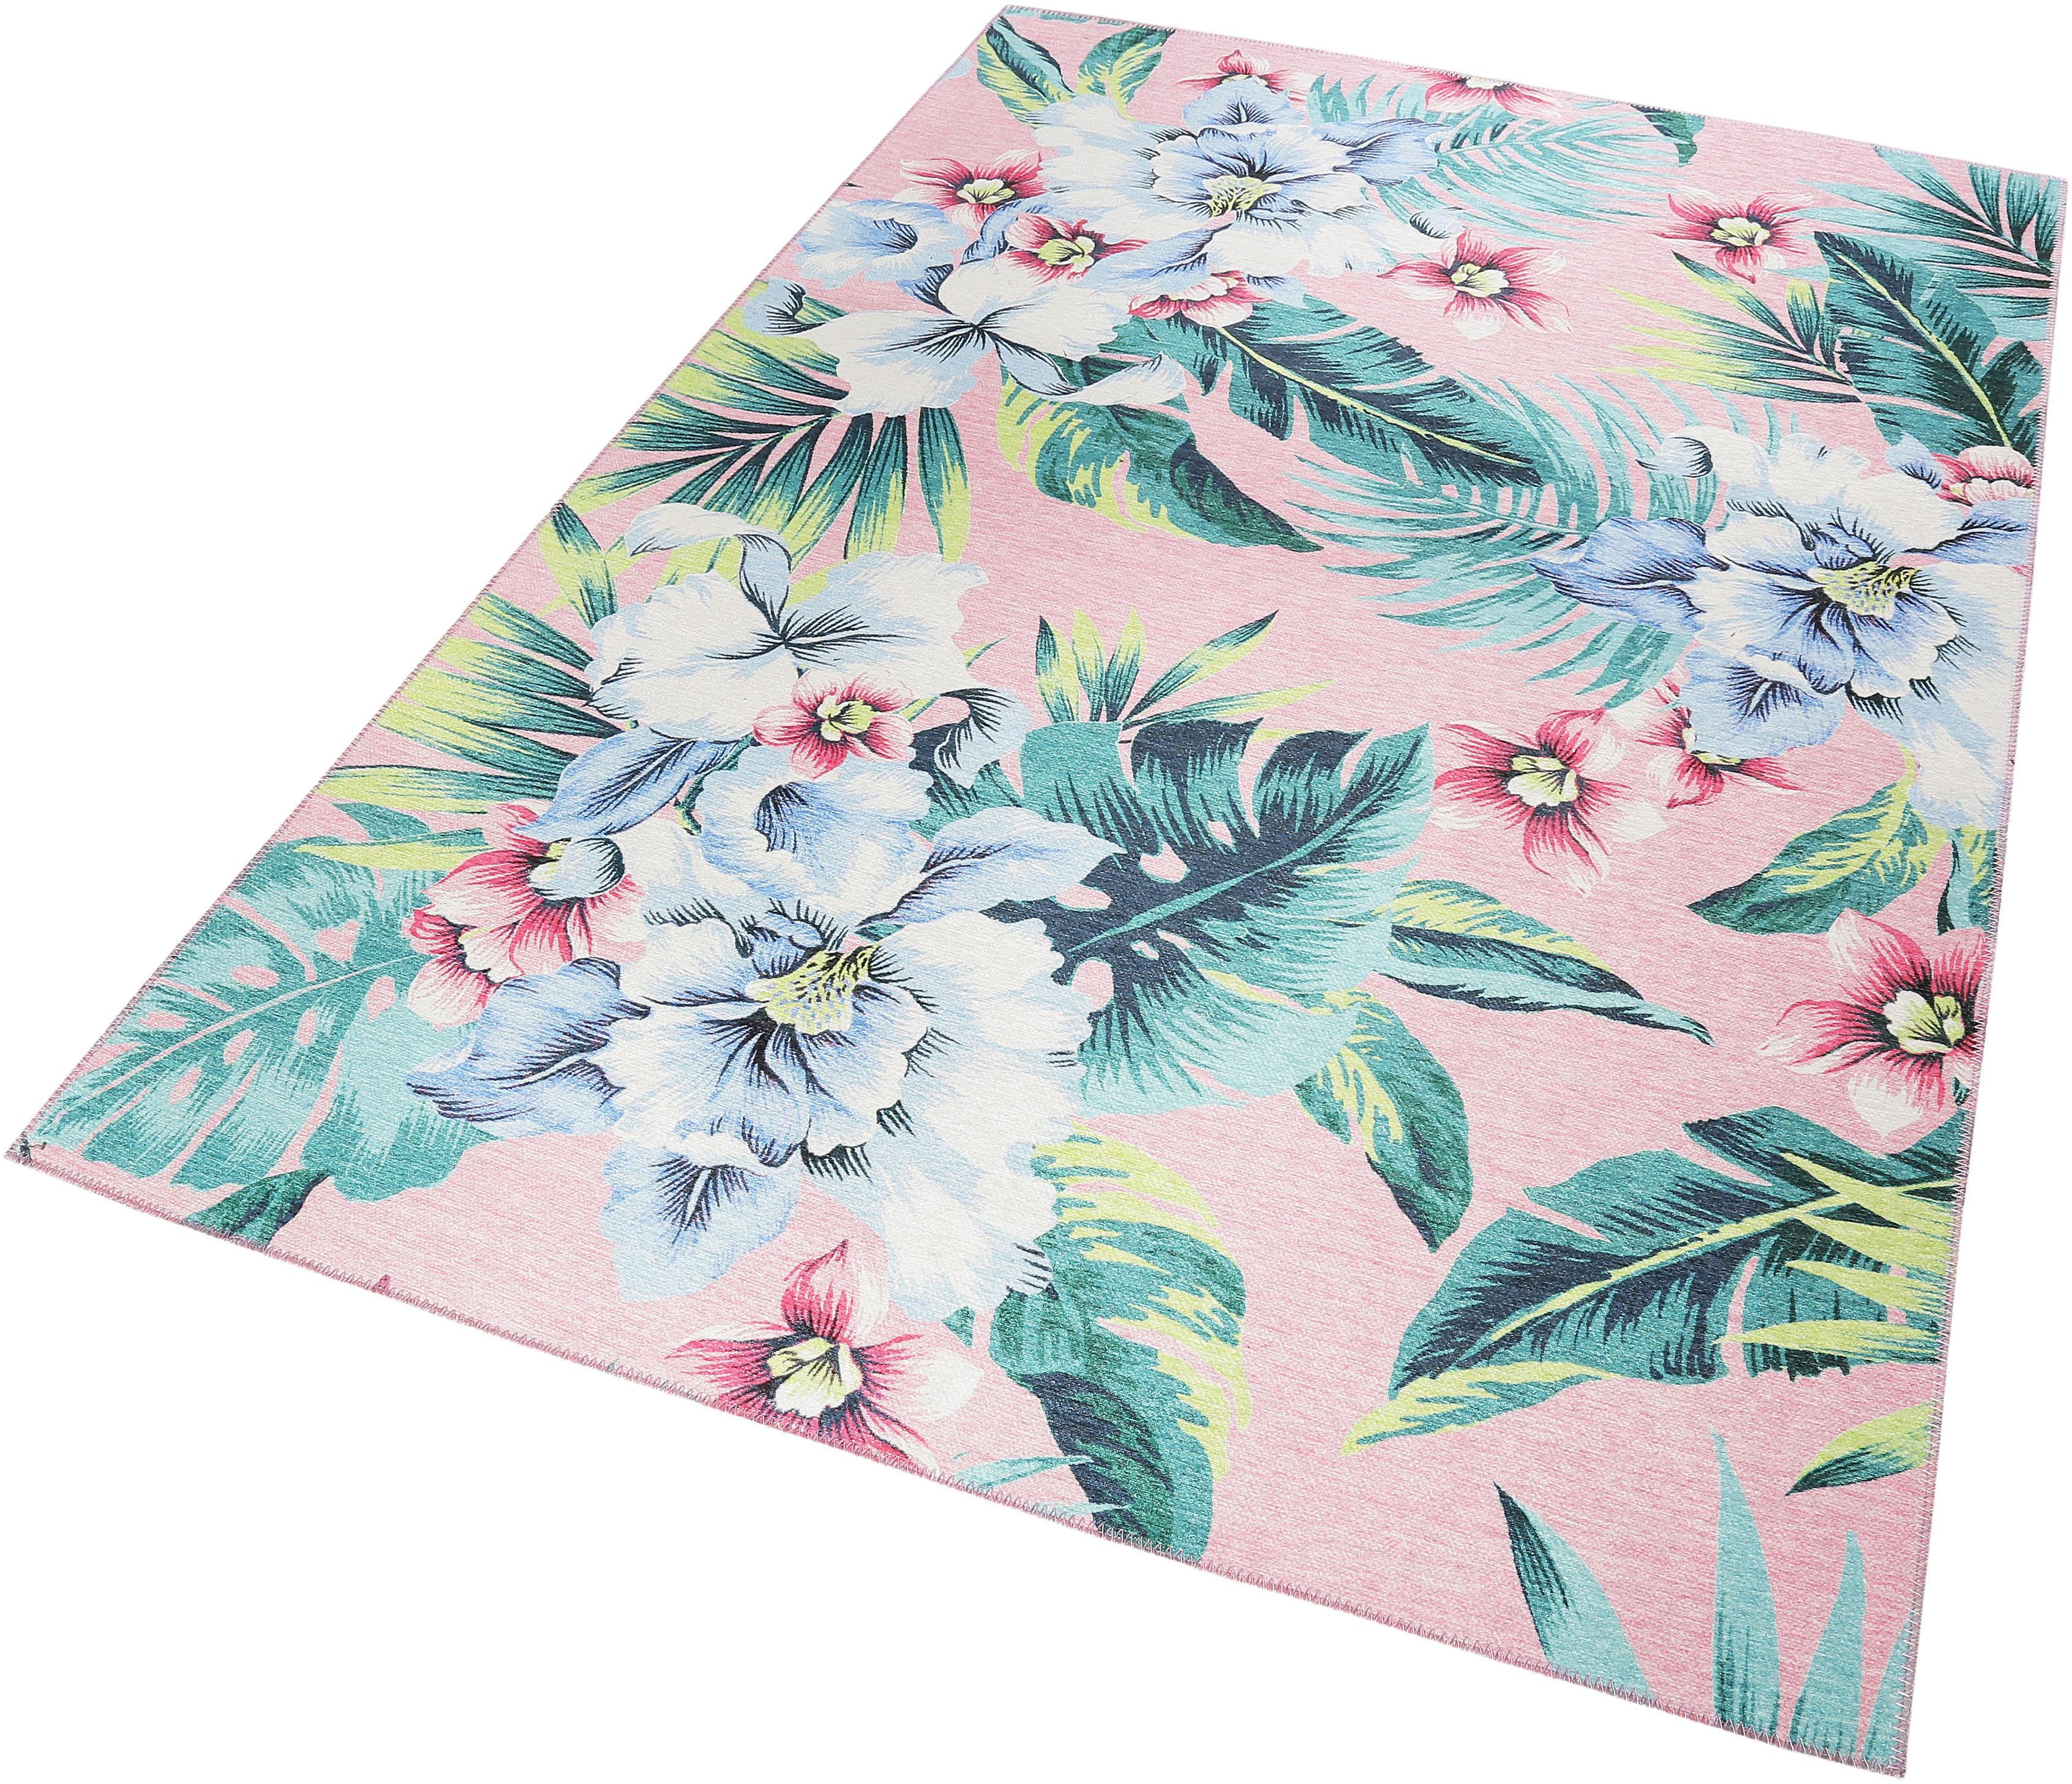 Teppich Tropical Orchid Accessorize Home rechteckig Höhe 6 mm maschinell gewebt